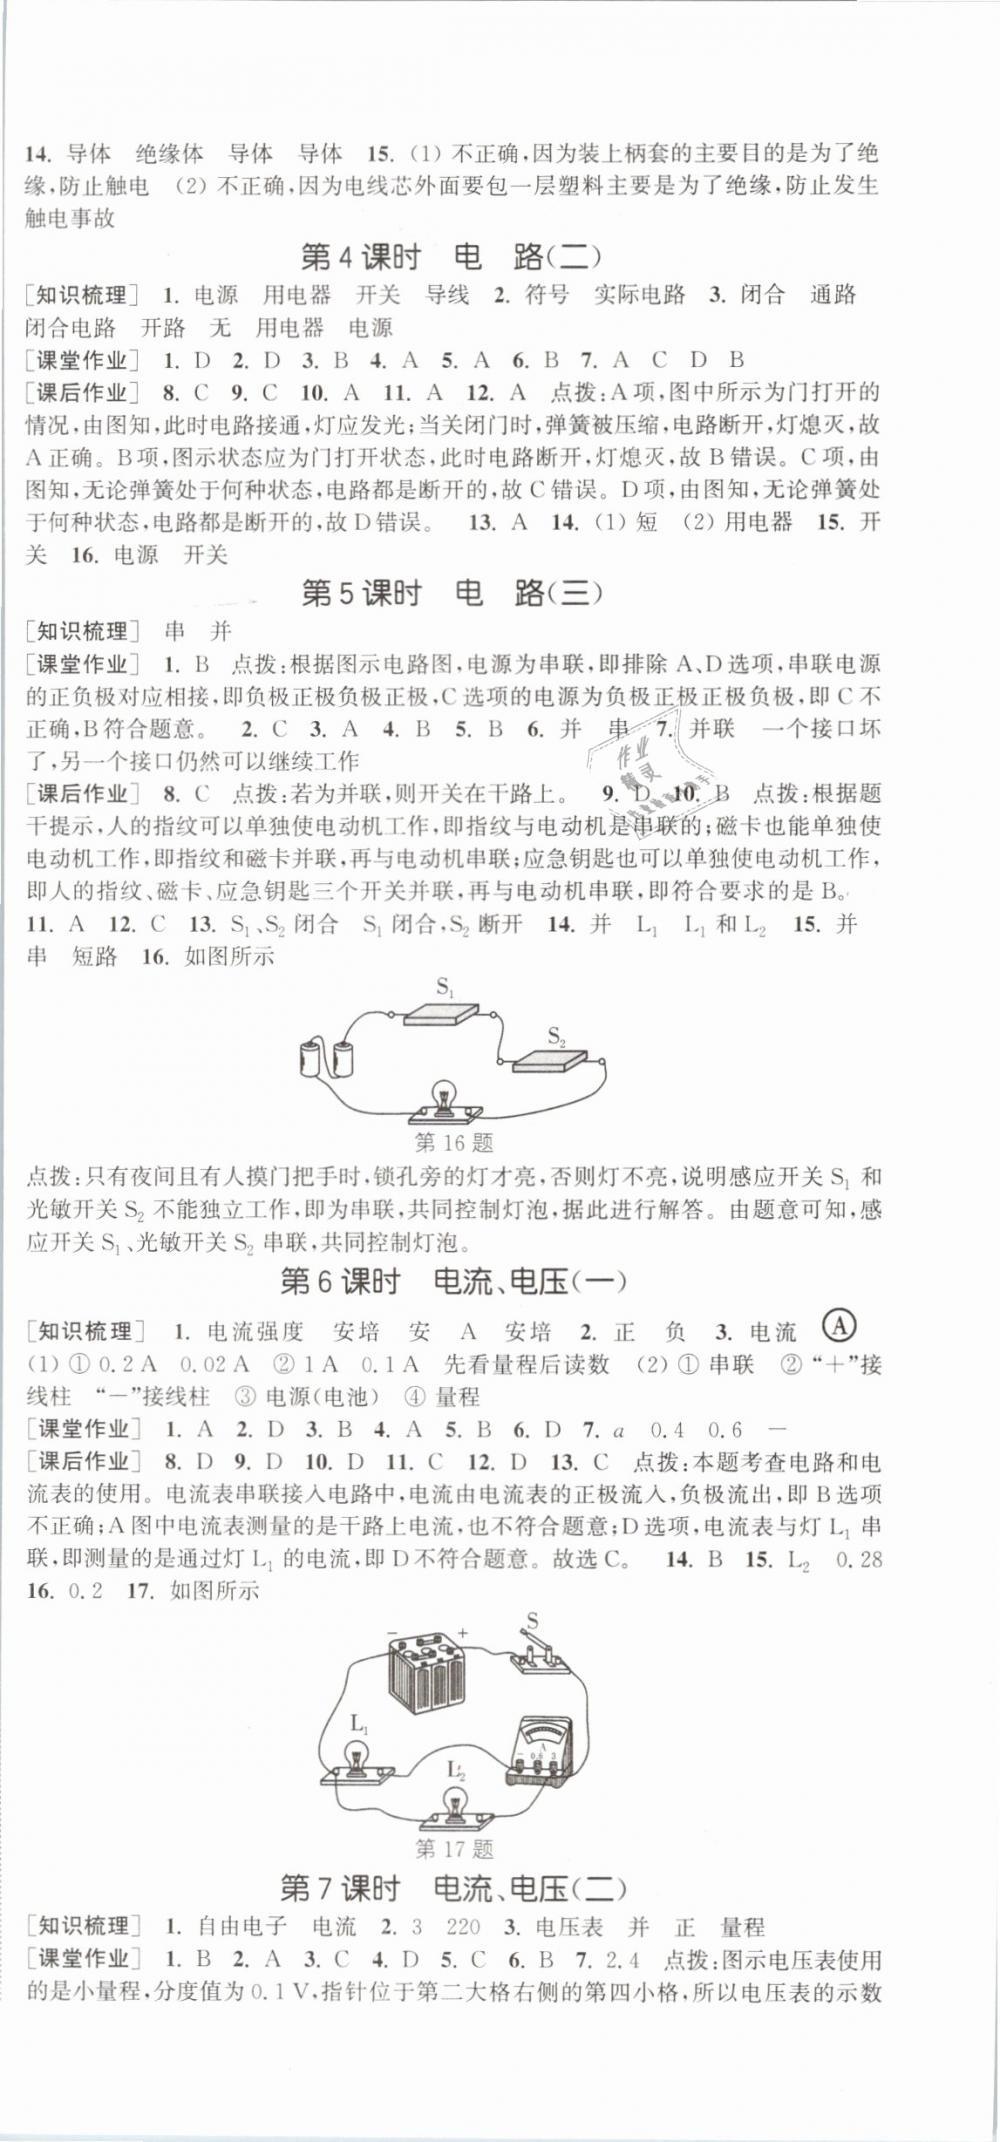 2019年通城学典课时作业本八年级科学下册华师大版第6页